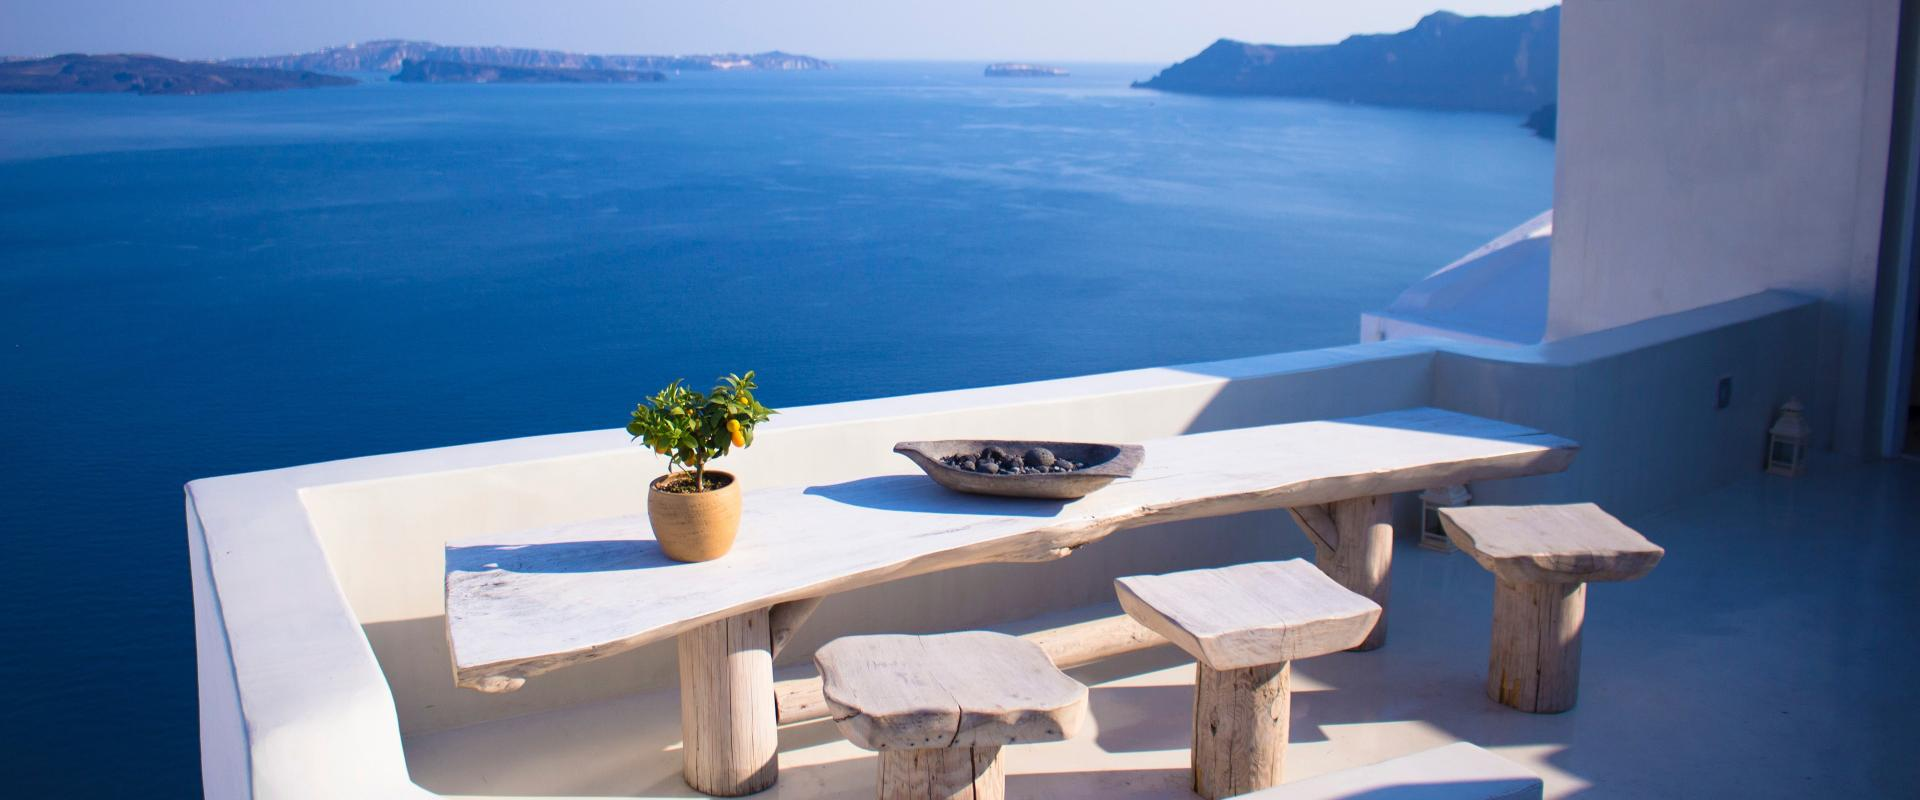 Πίνακας σε βεράντα ελληνικού νησιού δίπλα στη θάλασσα με ελληνικά προϊόντα